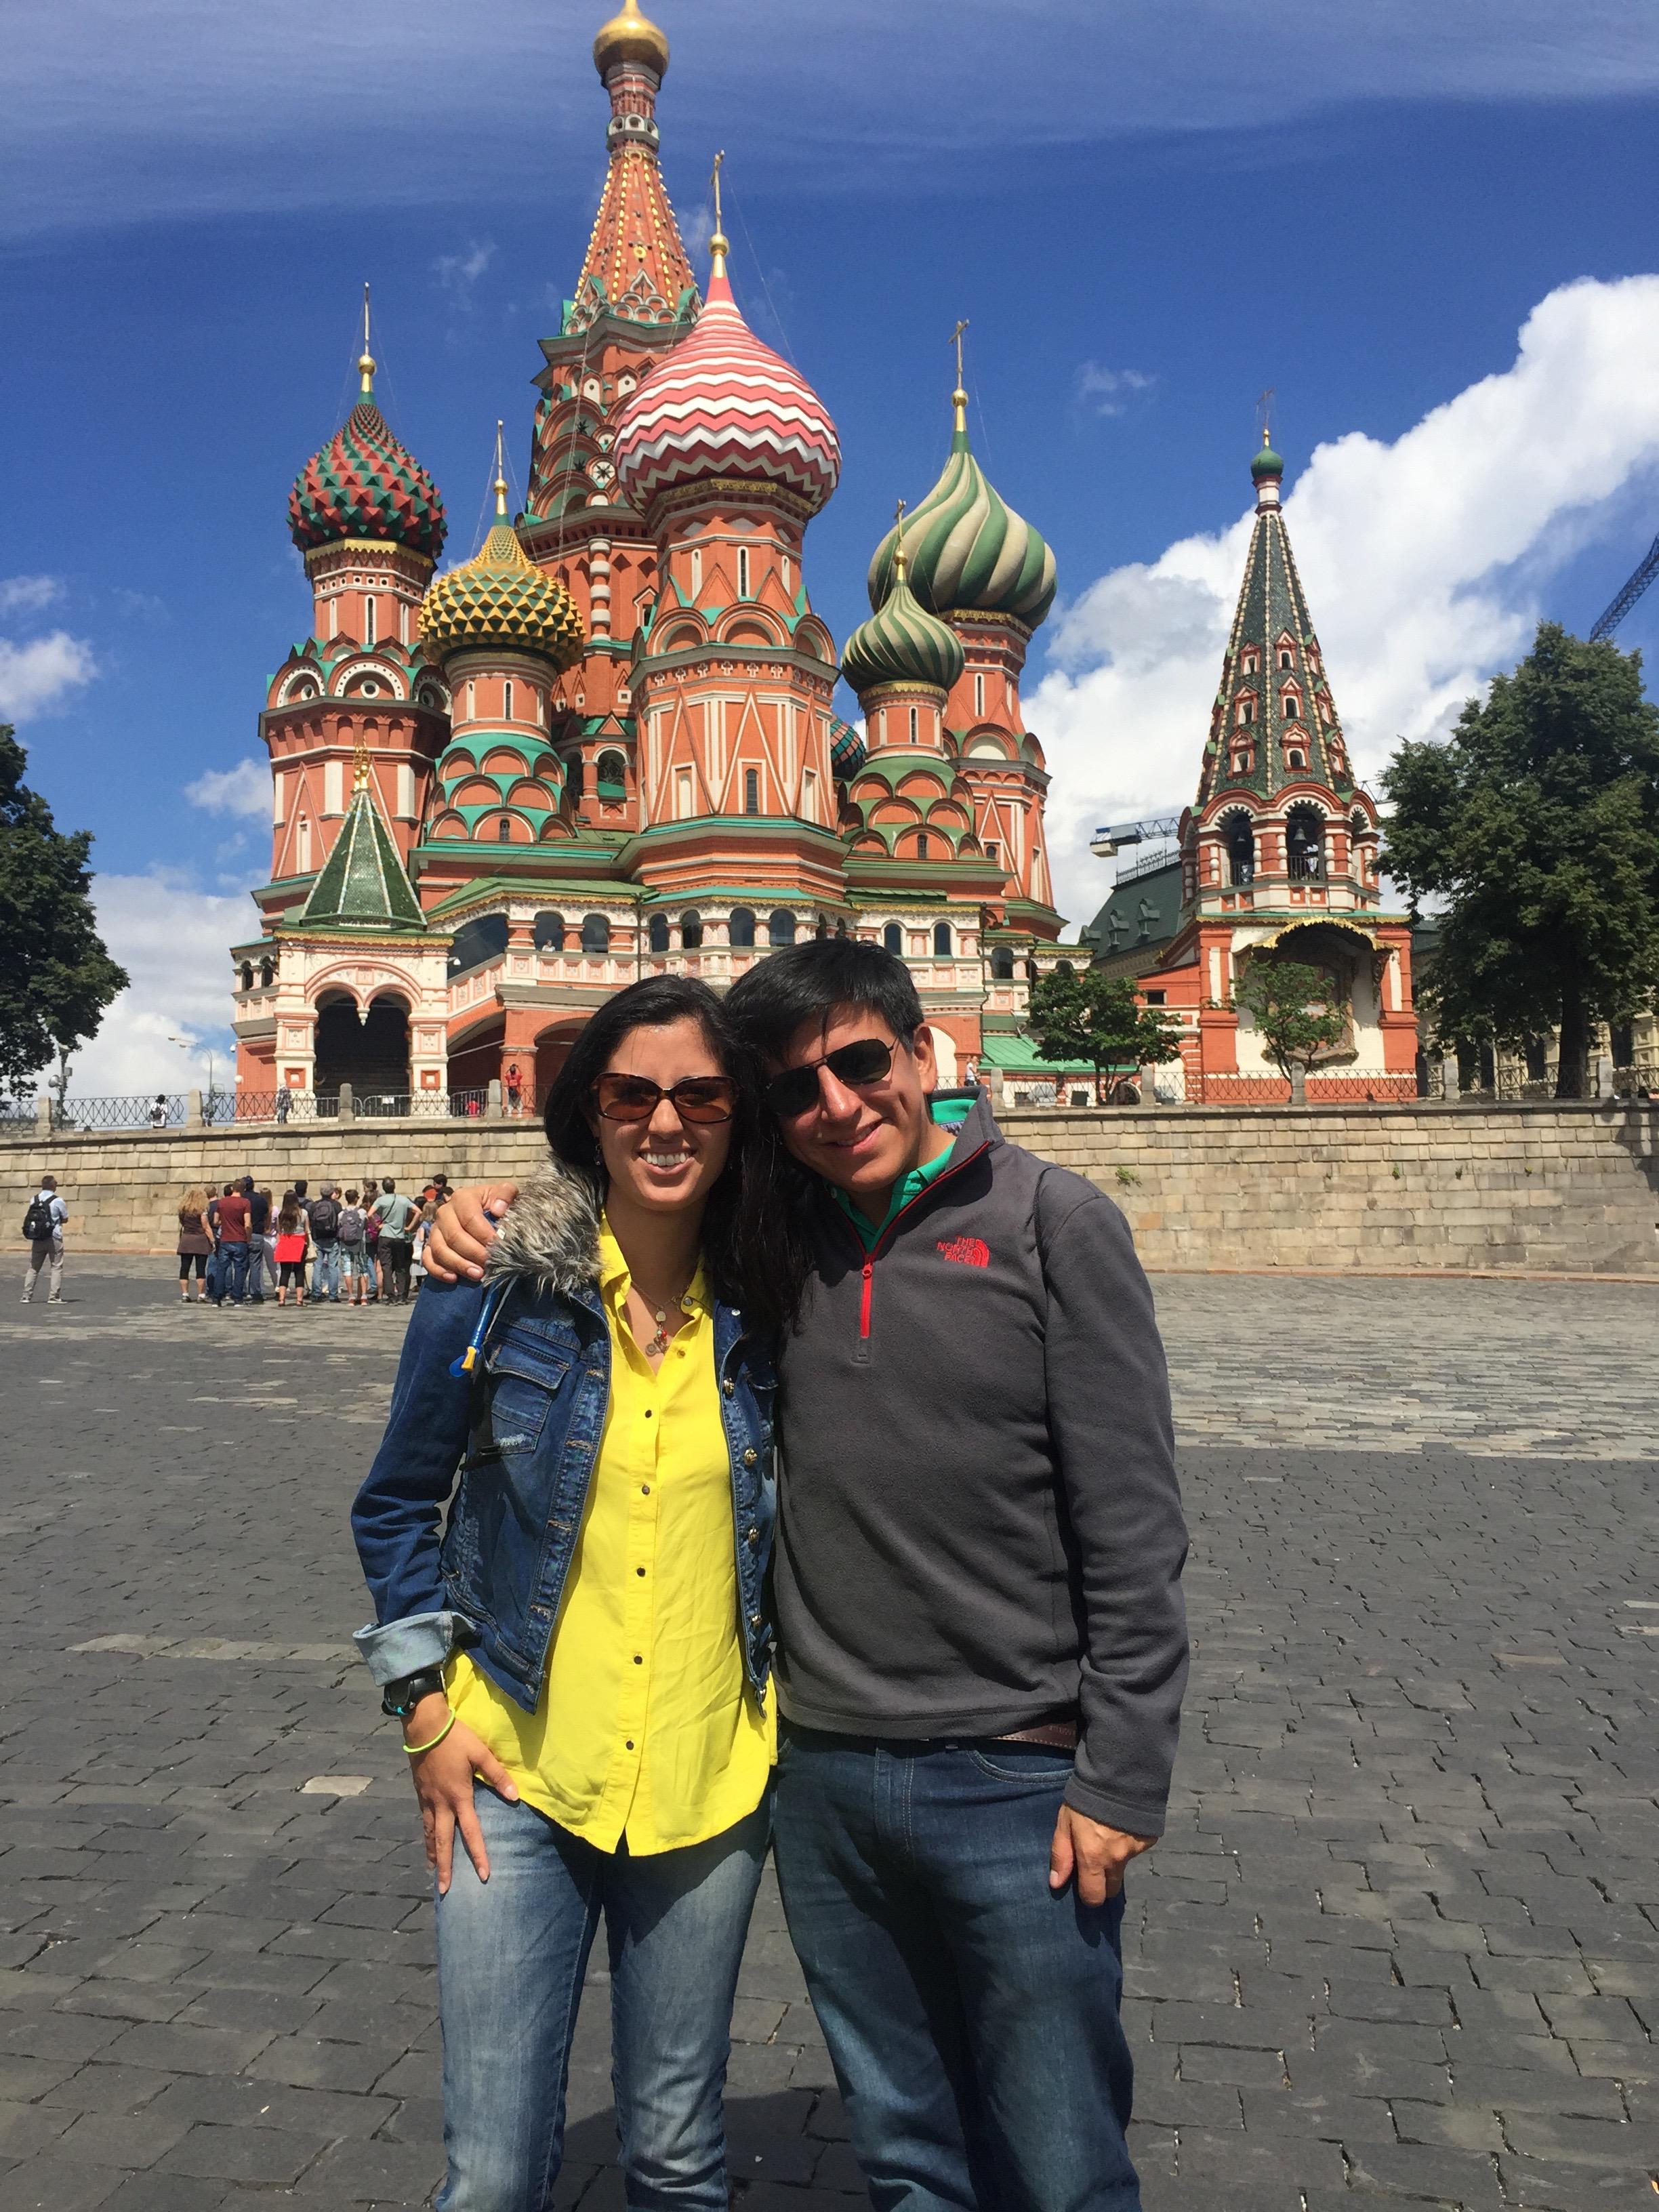 Iglesia de San Basil. Moscú, Rusia